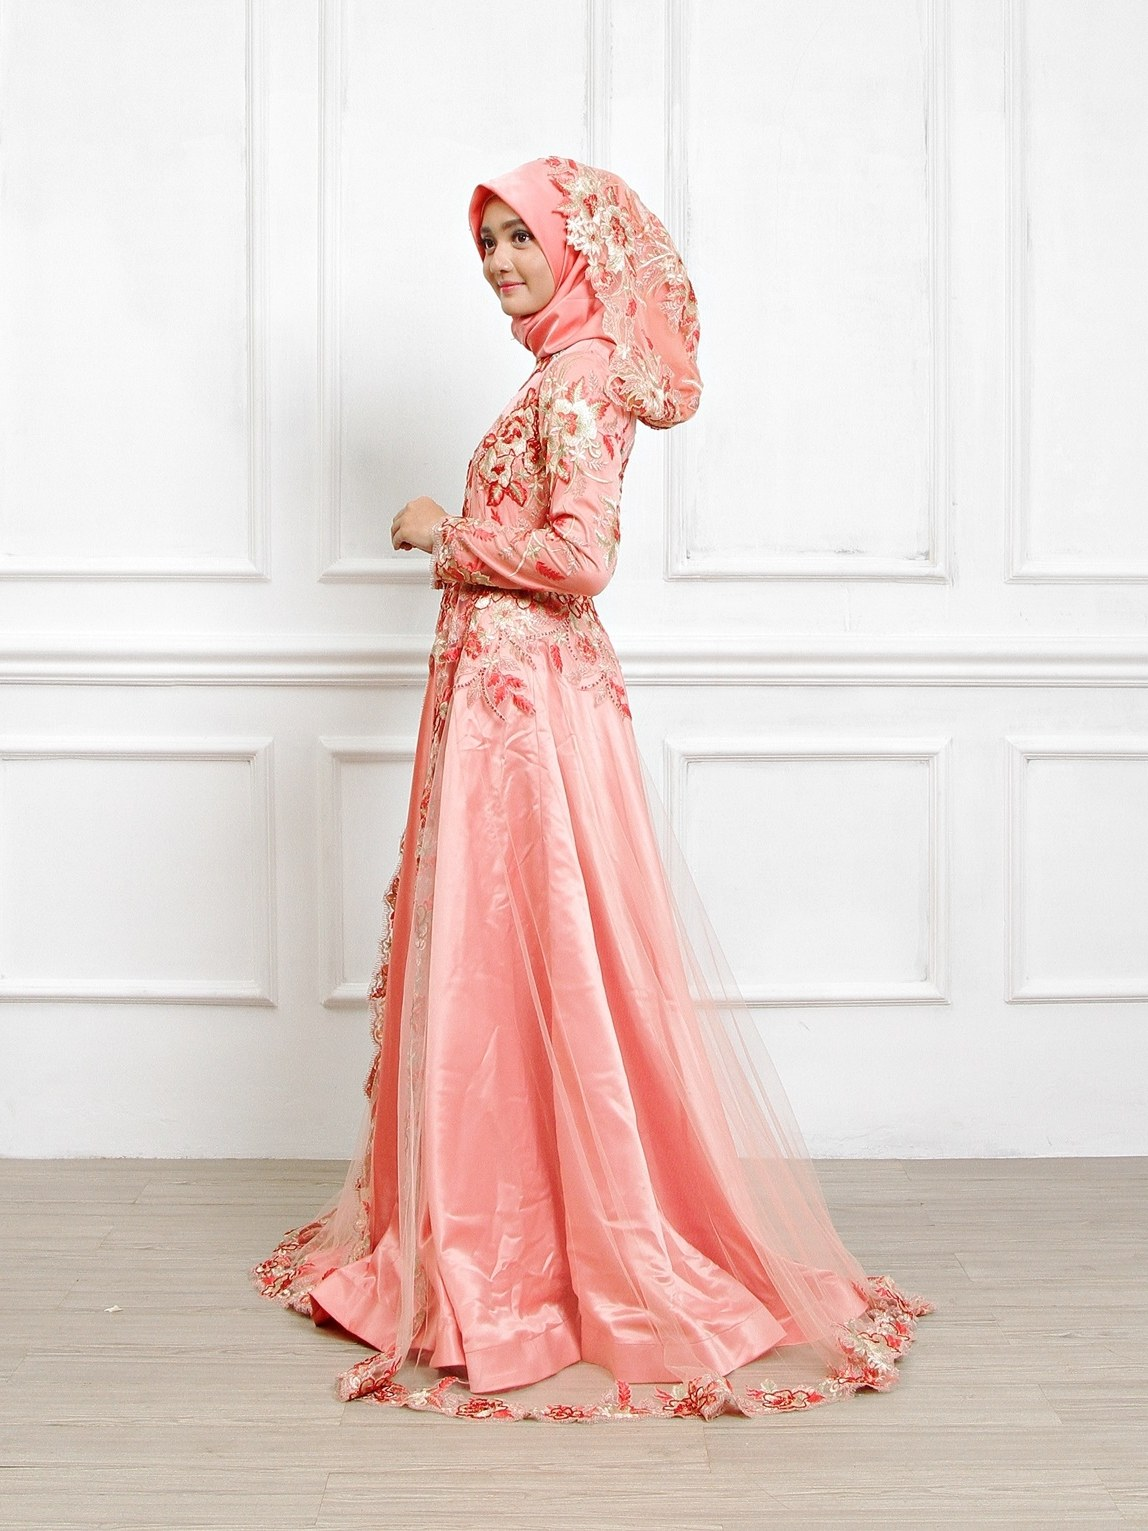 Bentuk Sewa Baju Pengantin Muslimah 3id6 Sewa Perdana Baju Pengantin Muslimah Jogja Gaun Pengantin